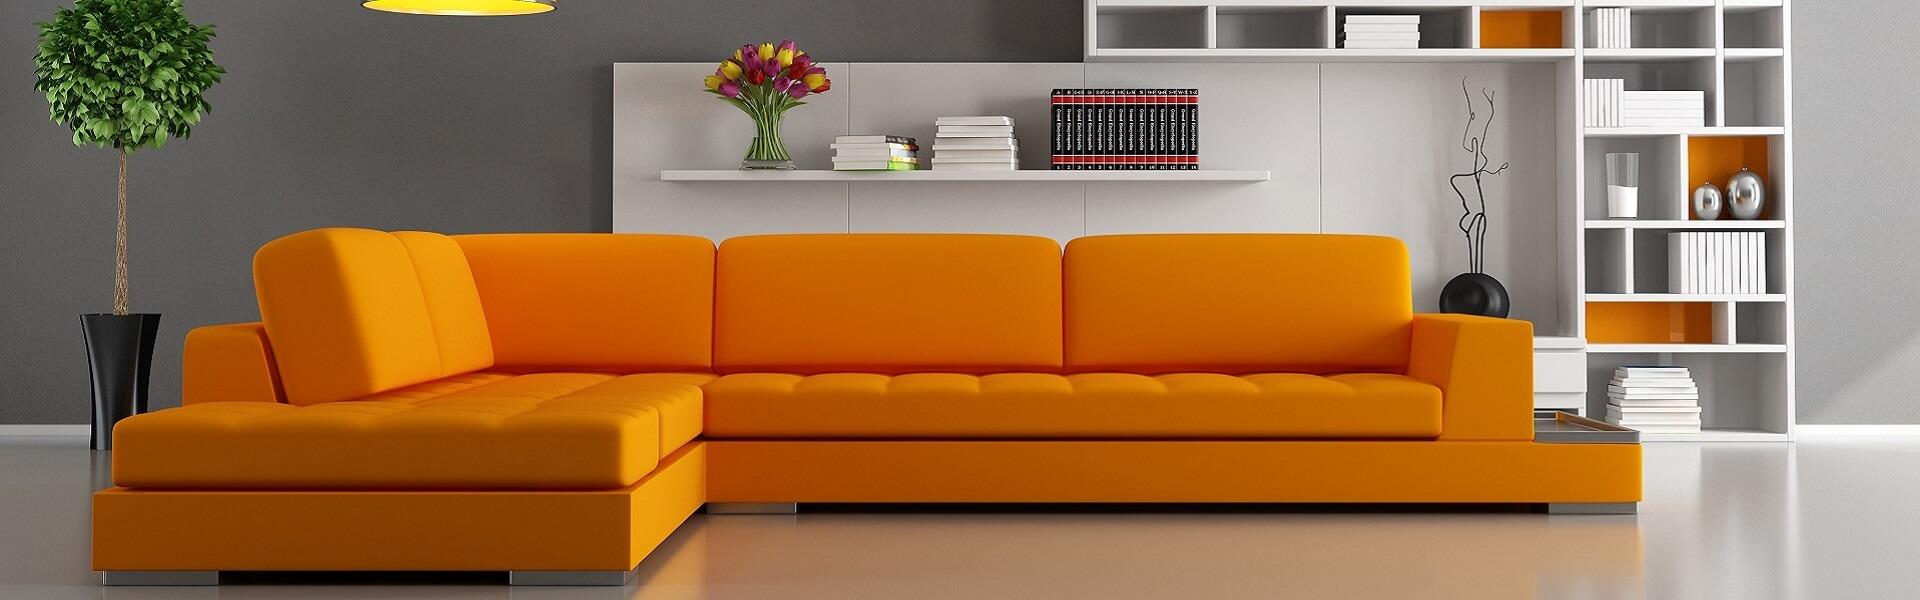 Мебель на заказ - дешевле, чем готовая!